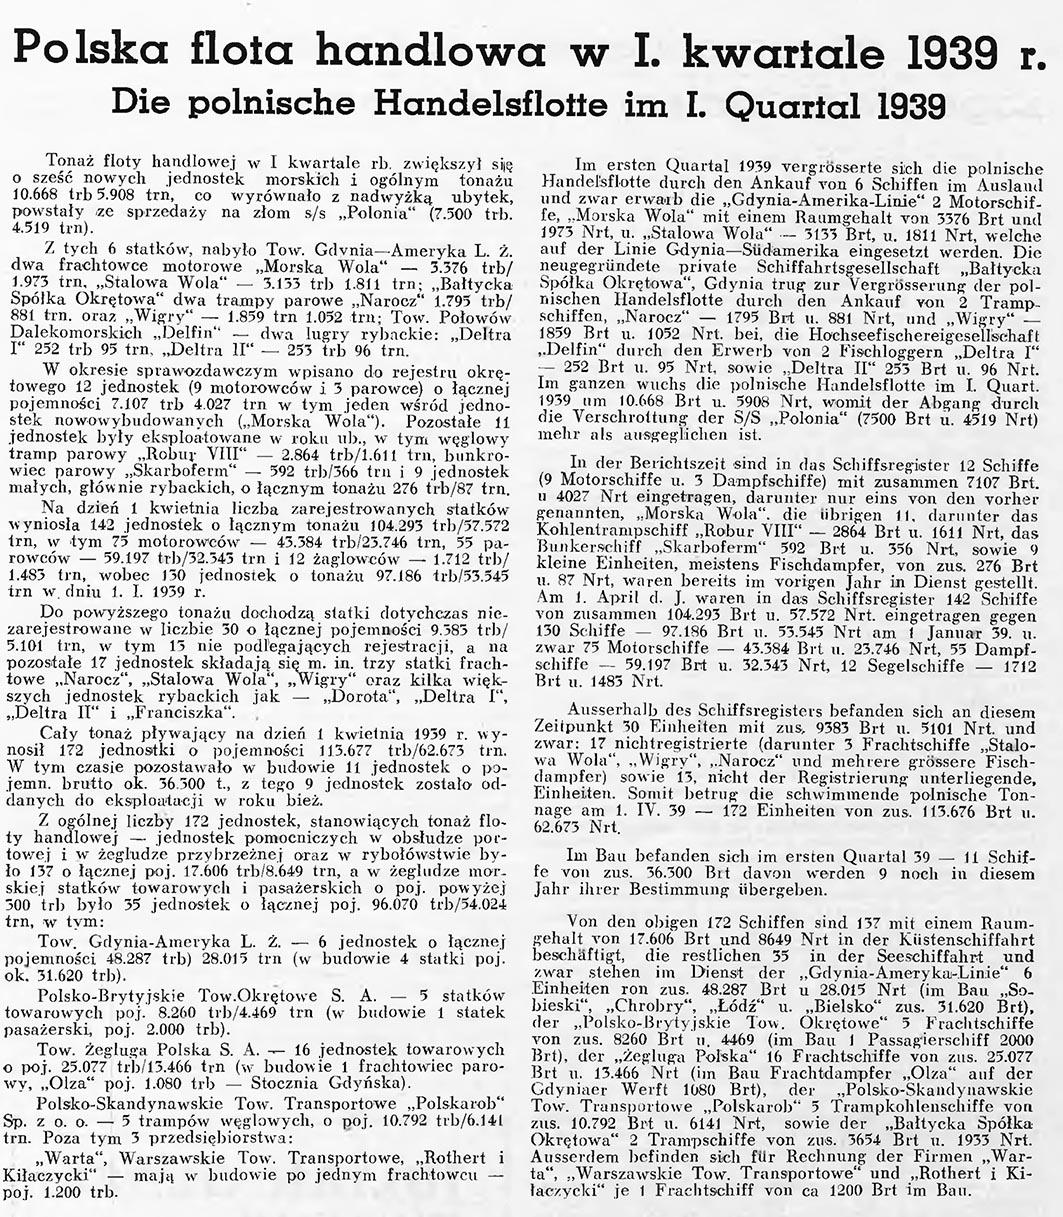 Polska flota handlowa w I. kwartale 1939 r. // Wiadomości Portowe. - 1939, nr 4, s. 10